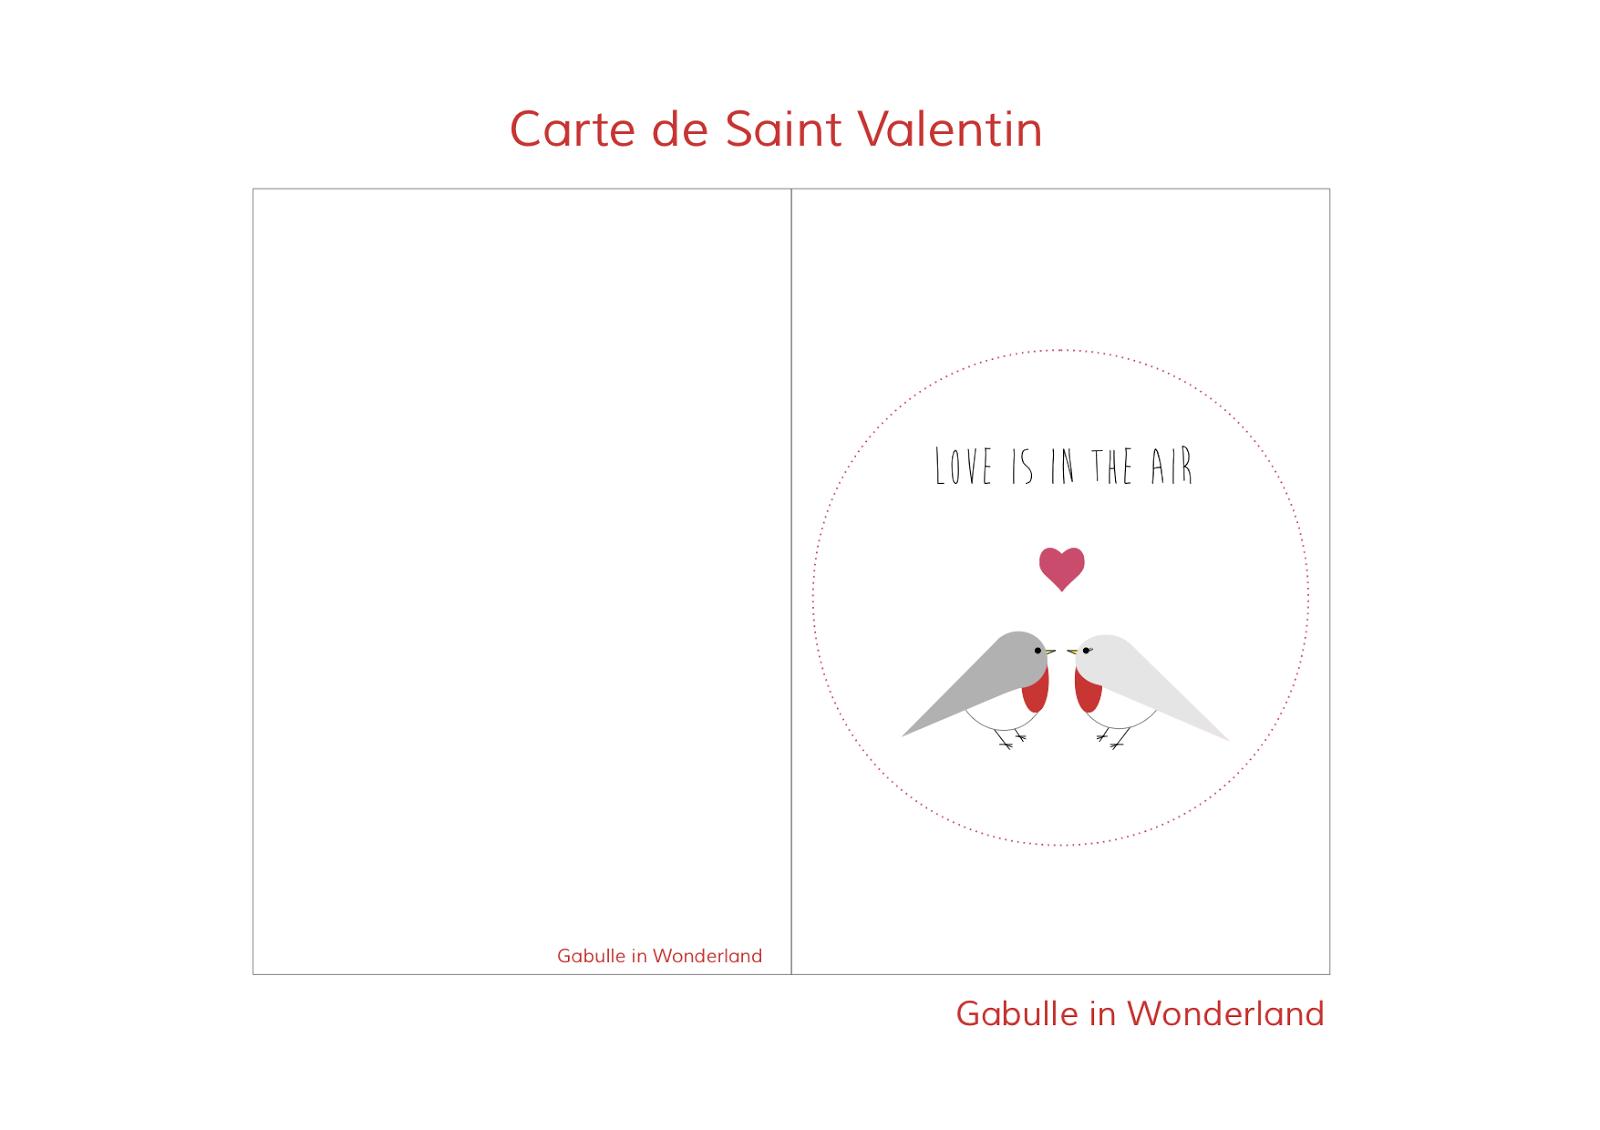 Gabulle in wonderland carte imprimer pour la saint valentin - Carte st valentin gratuite a imprimer ...